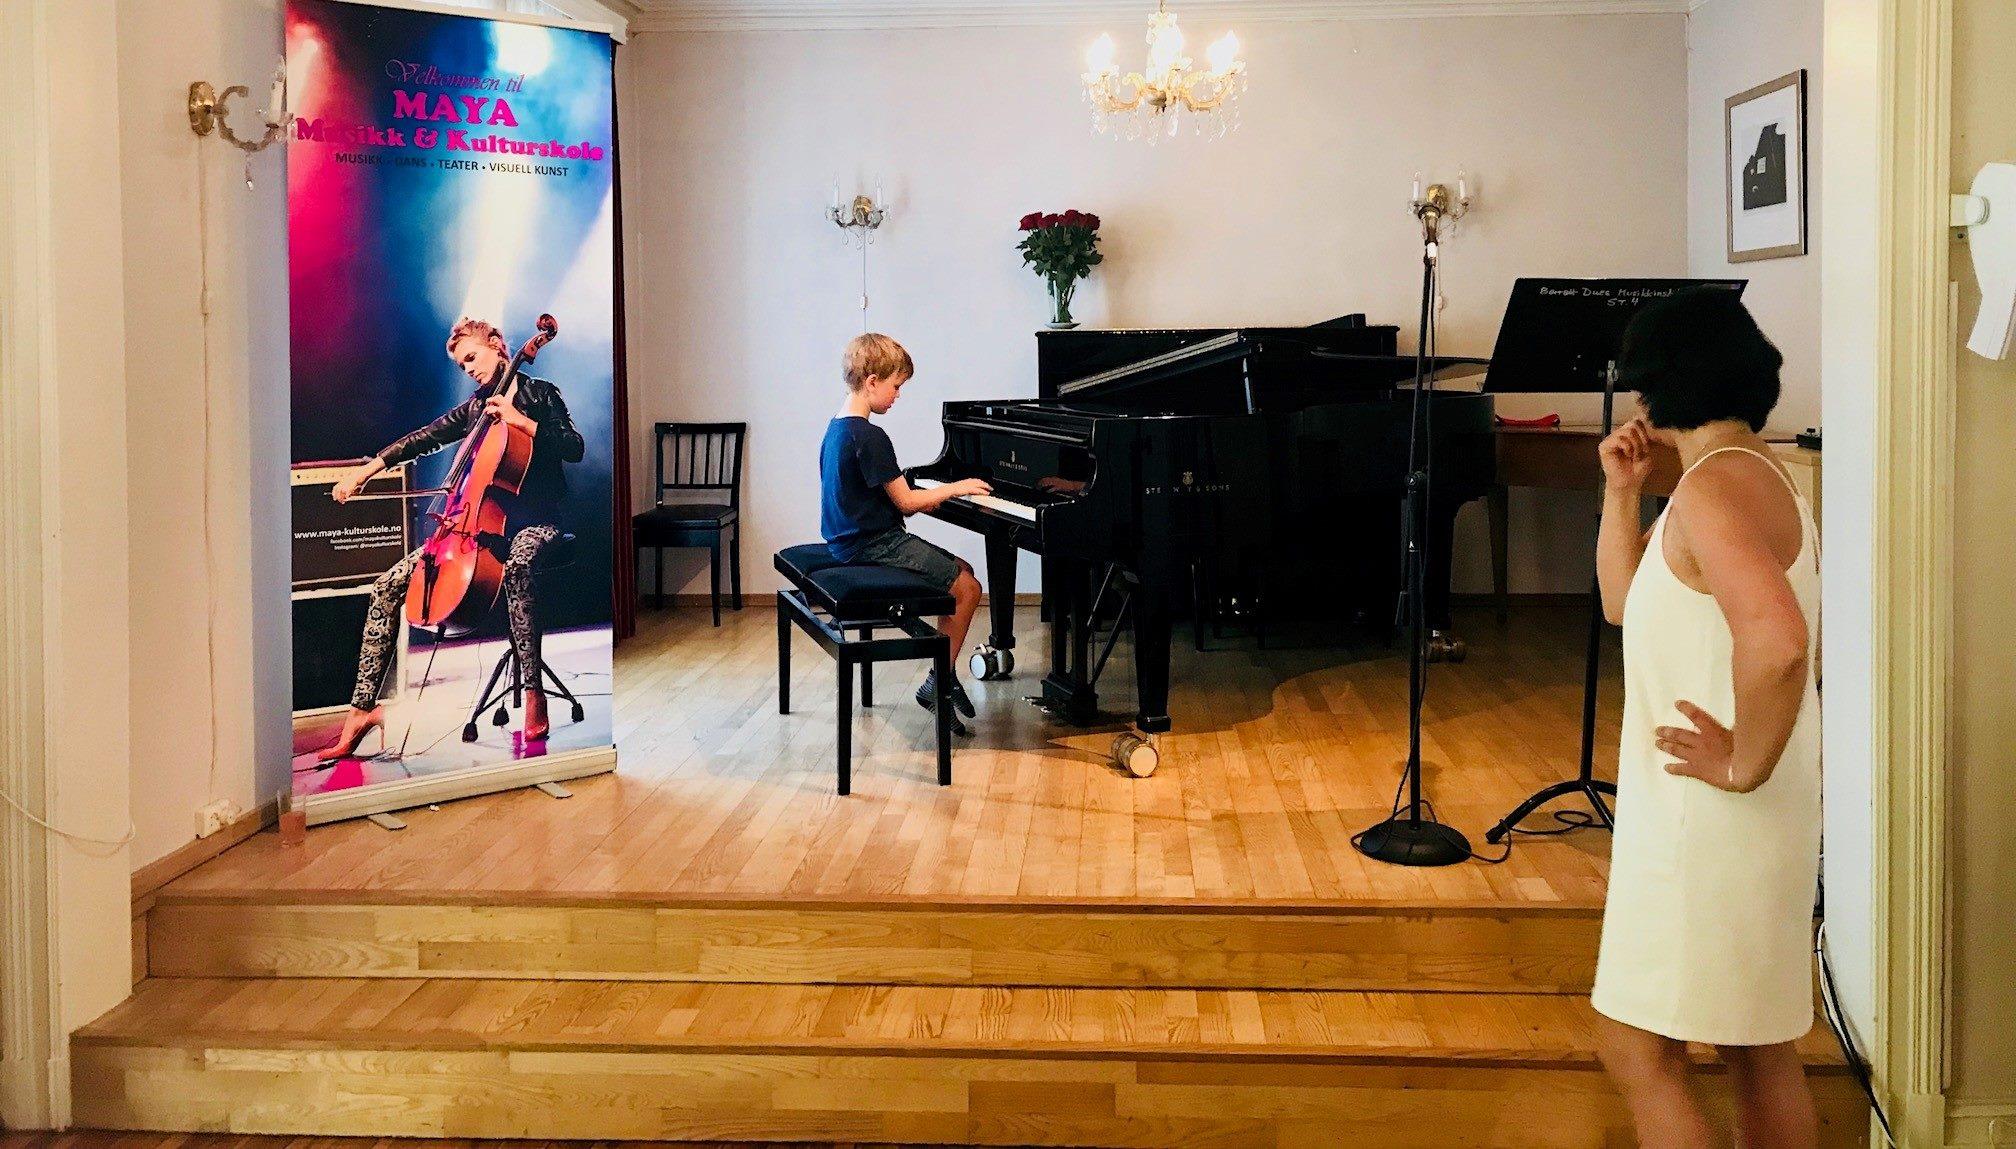 Pianoundervisning, pianotimer, pianokurs, pianolærer, lære å spille piano, musikk og kulturskole i Oslo og Bærum, barn ungdom og voksne